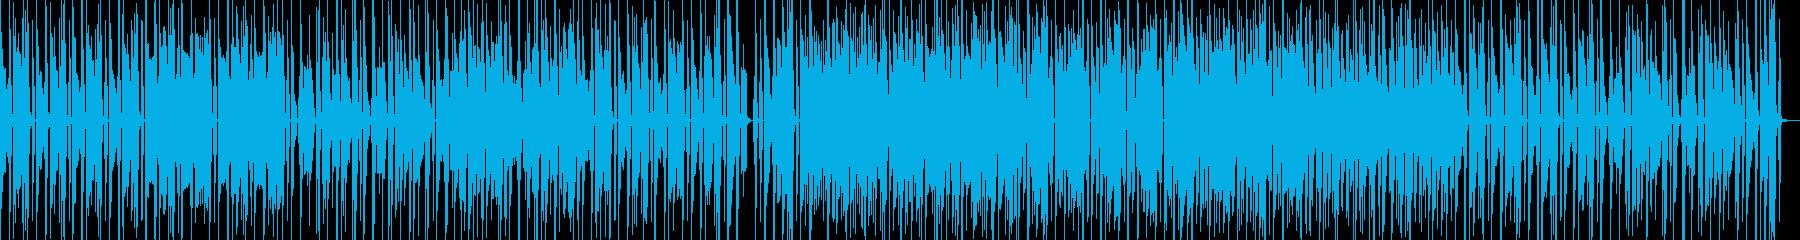 ゲーム音源を使ったポップで軽快なサウンドの再生済みの波形